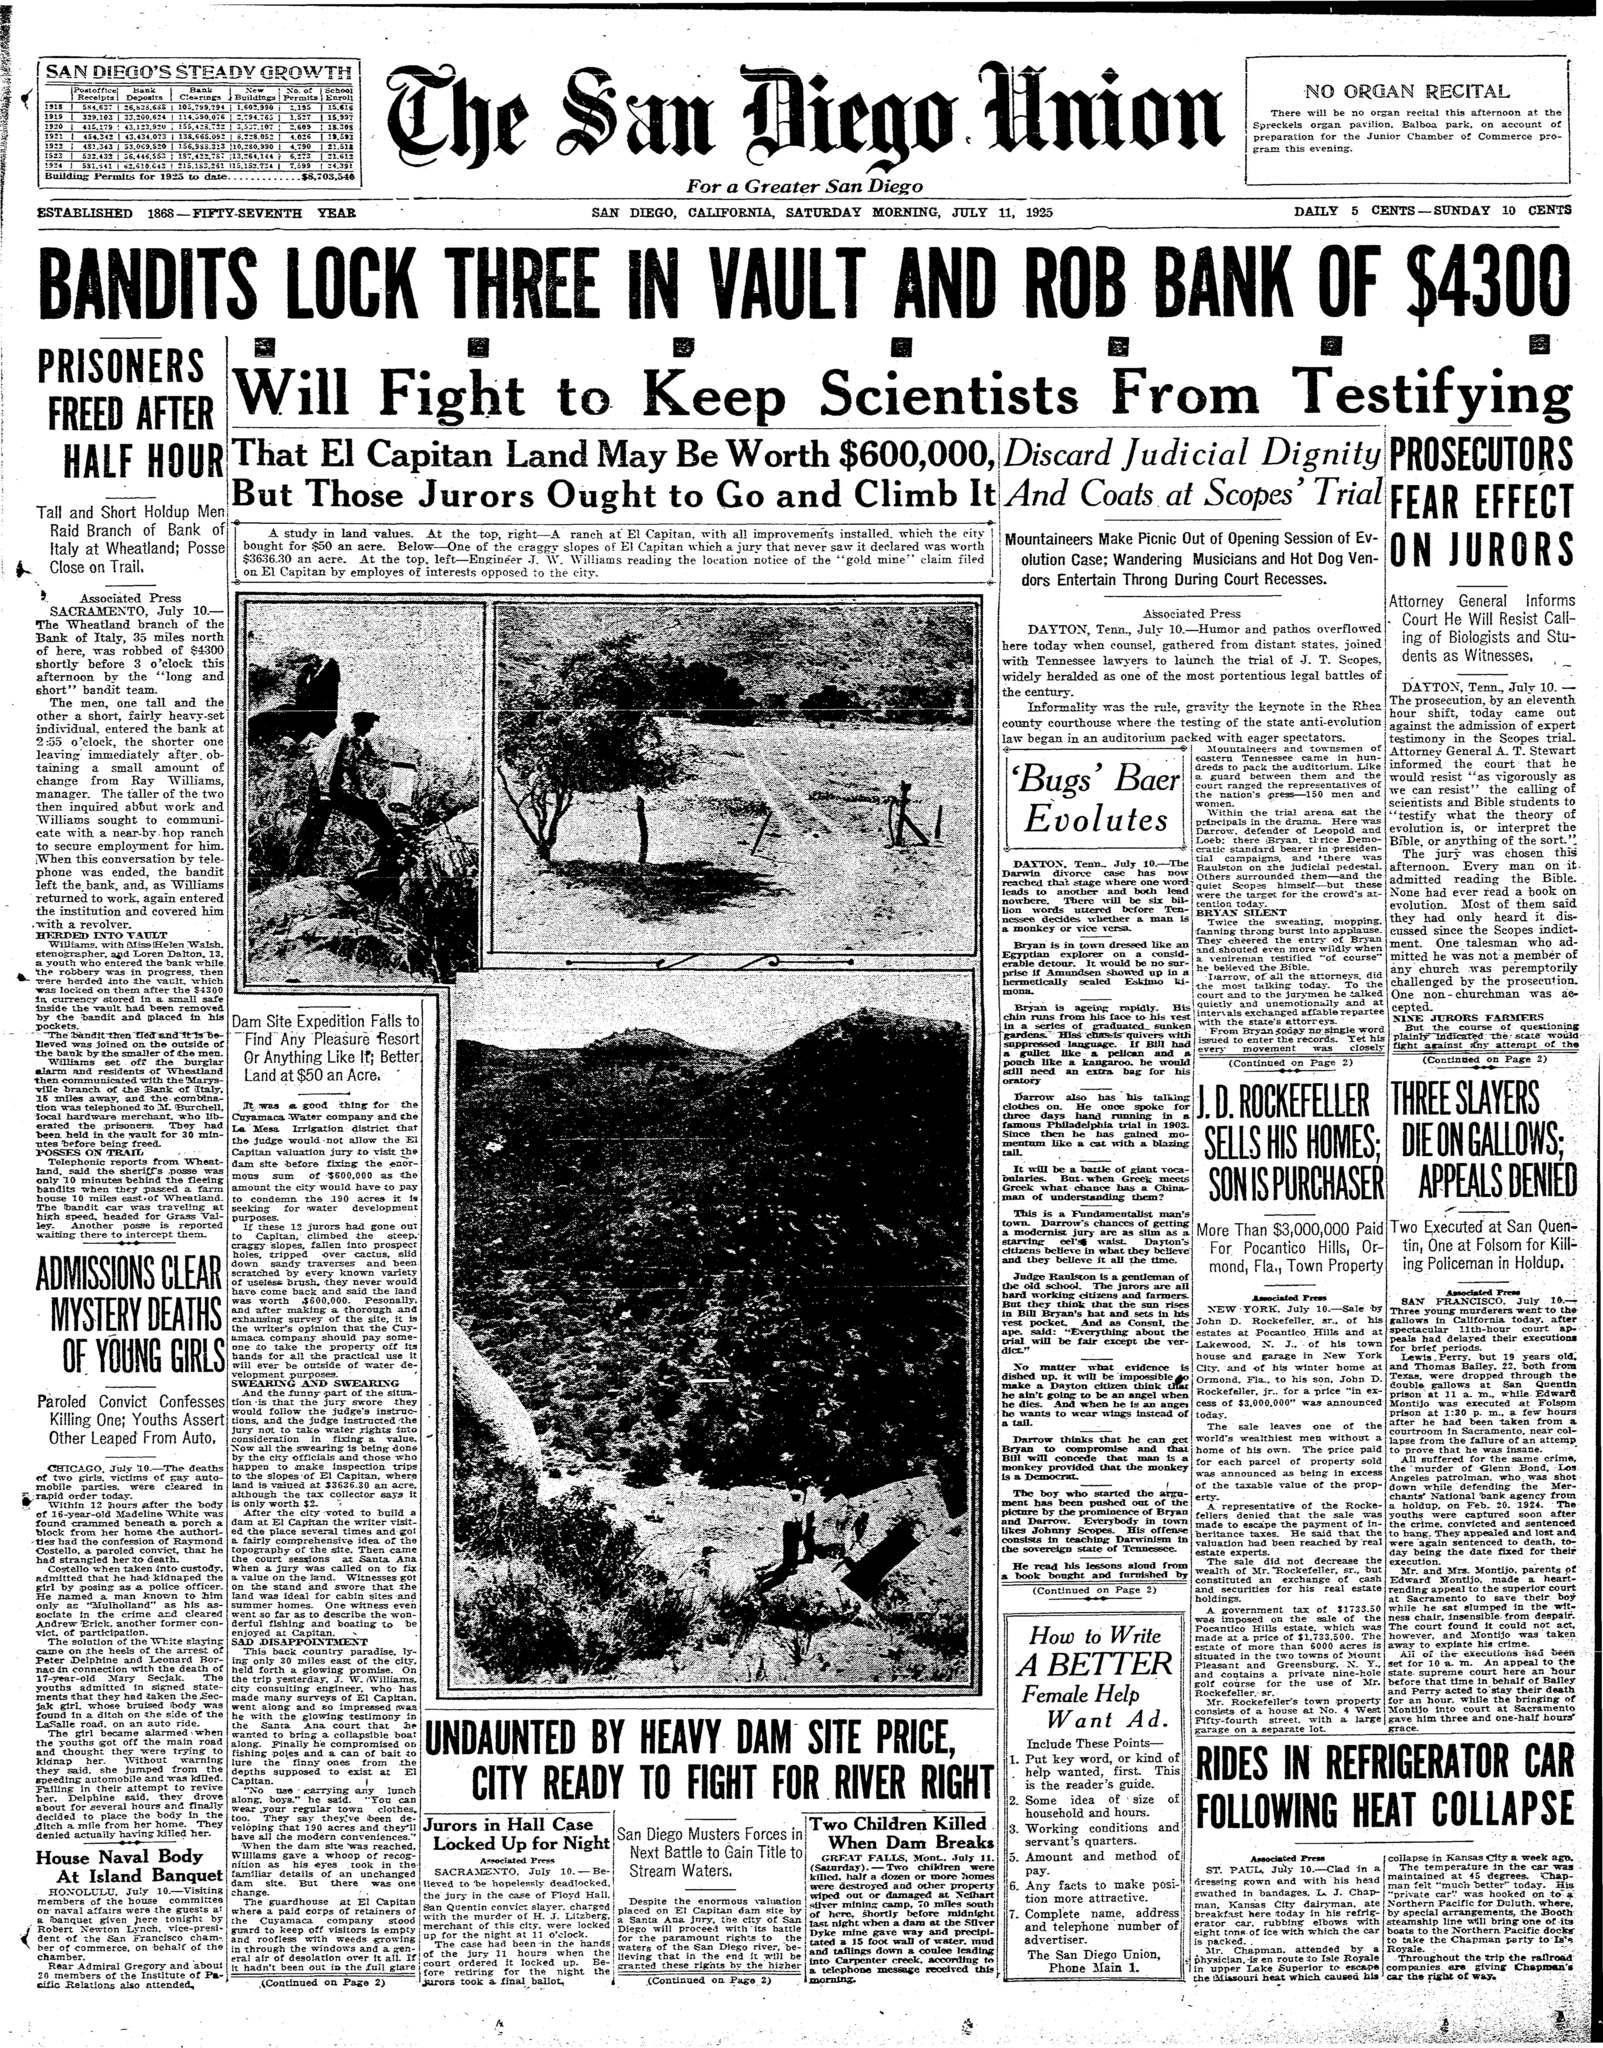 July 11, 1925